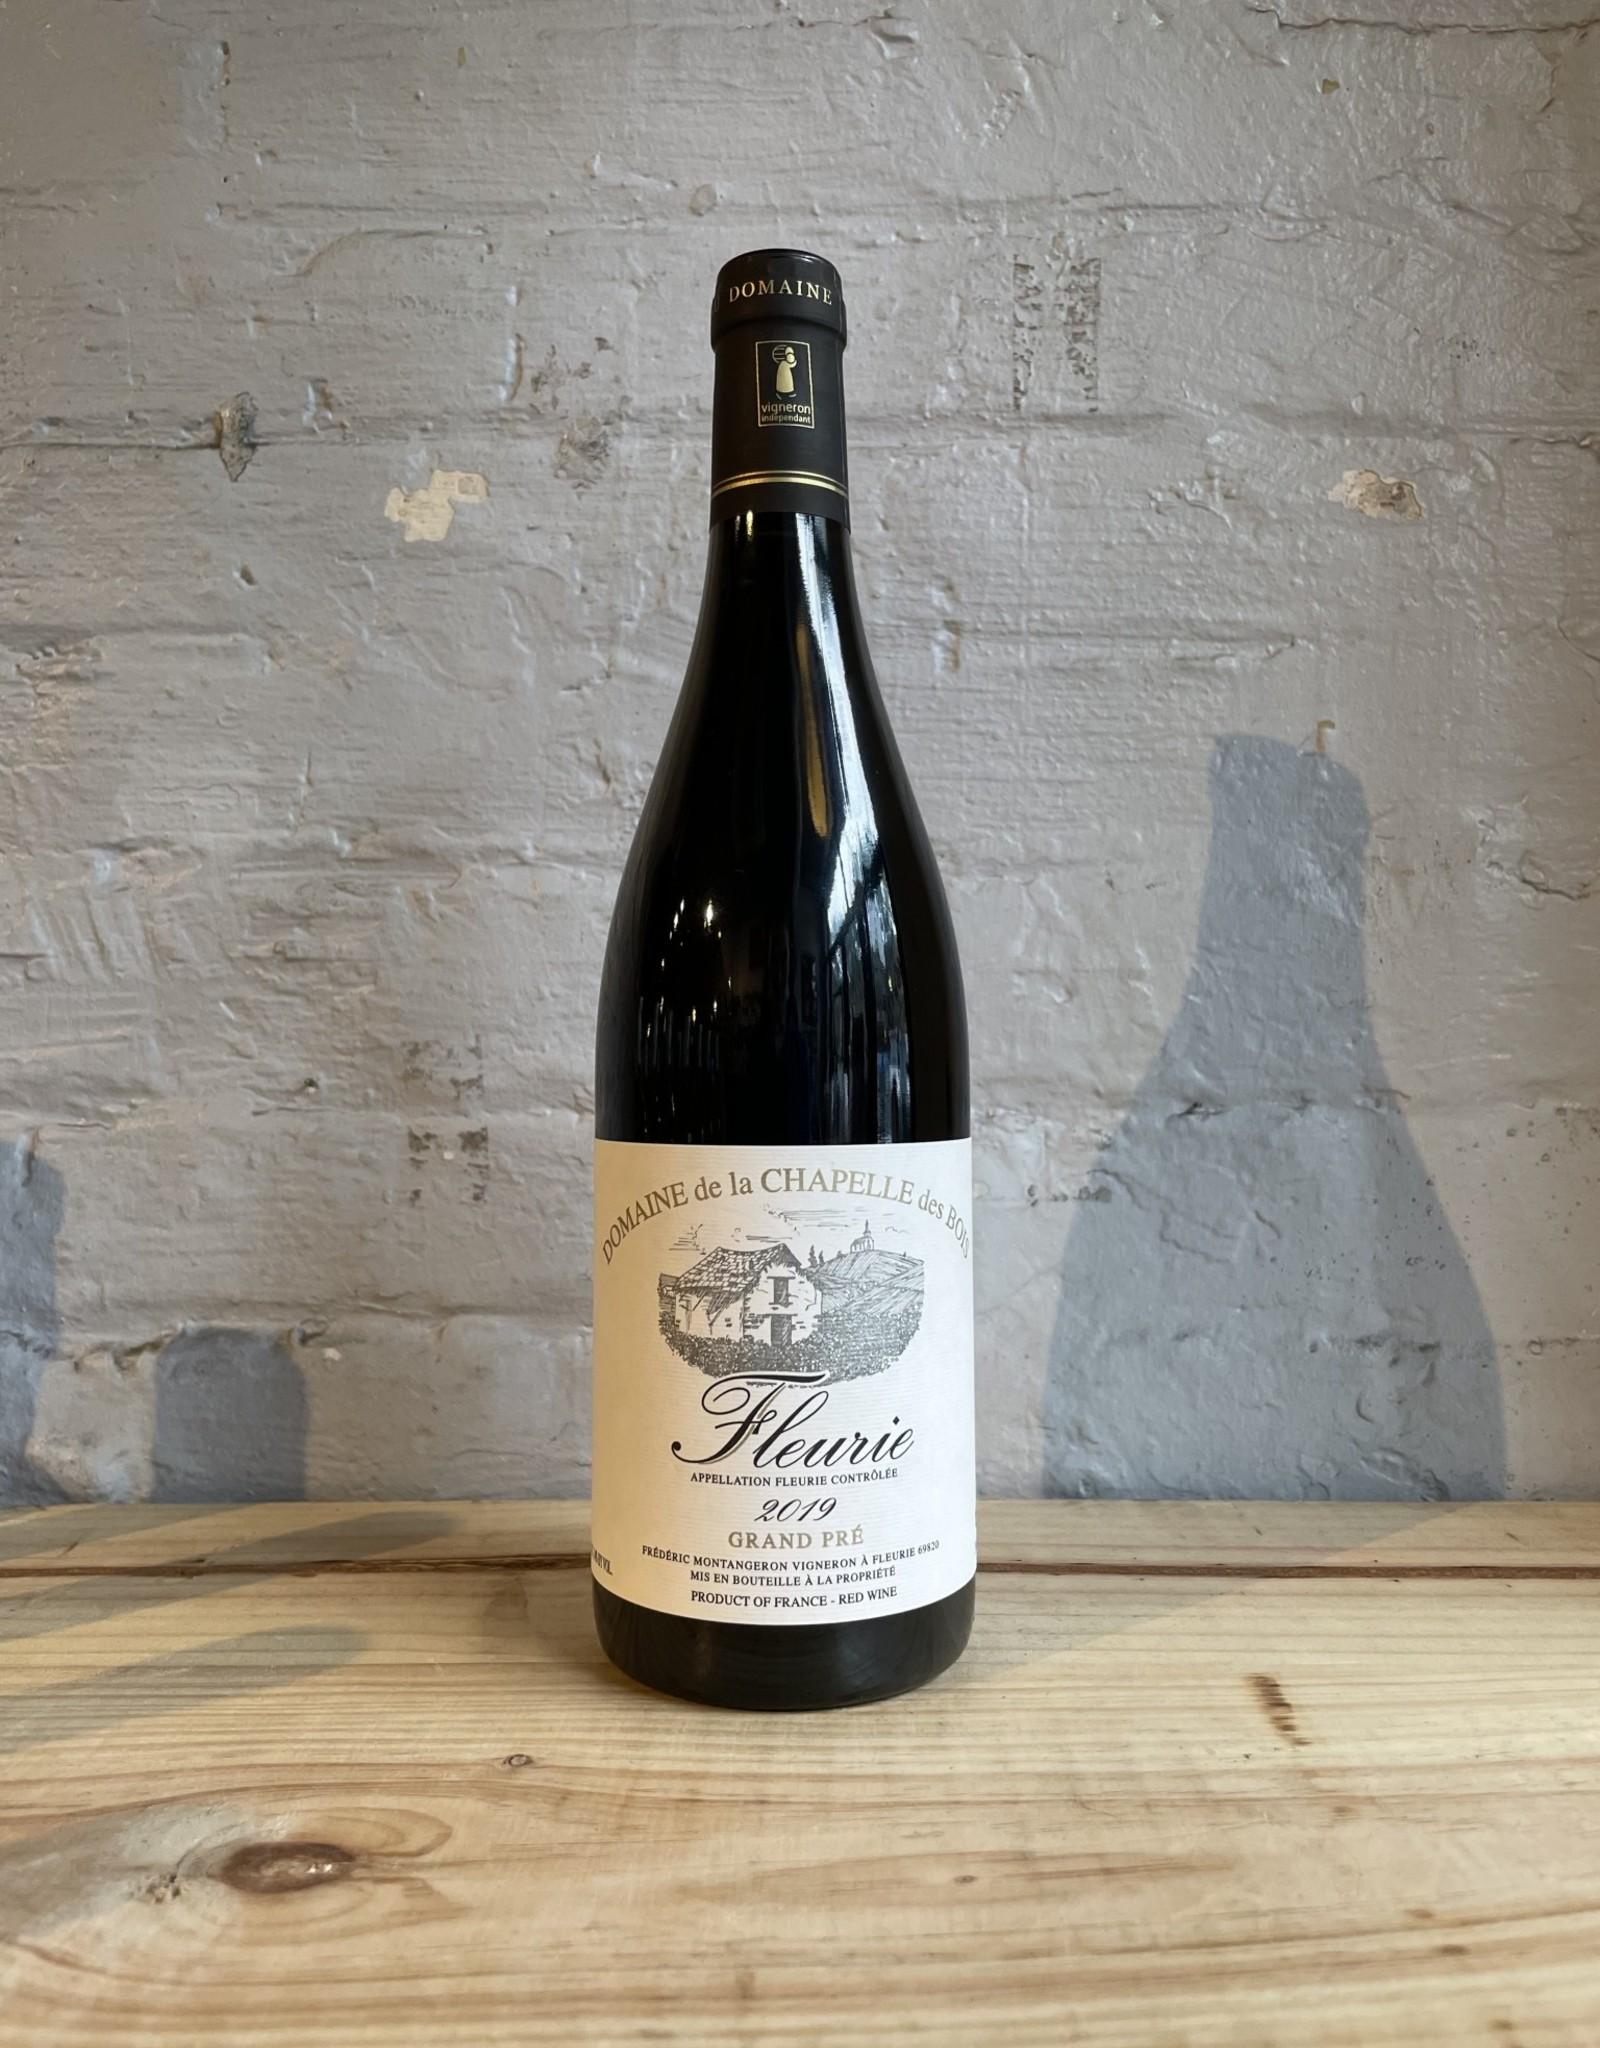 Wine 2019 Domaine de la Chapelle des Bois Fleurie Cuvee Grand Pre - Beaujolais, France (750ml)